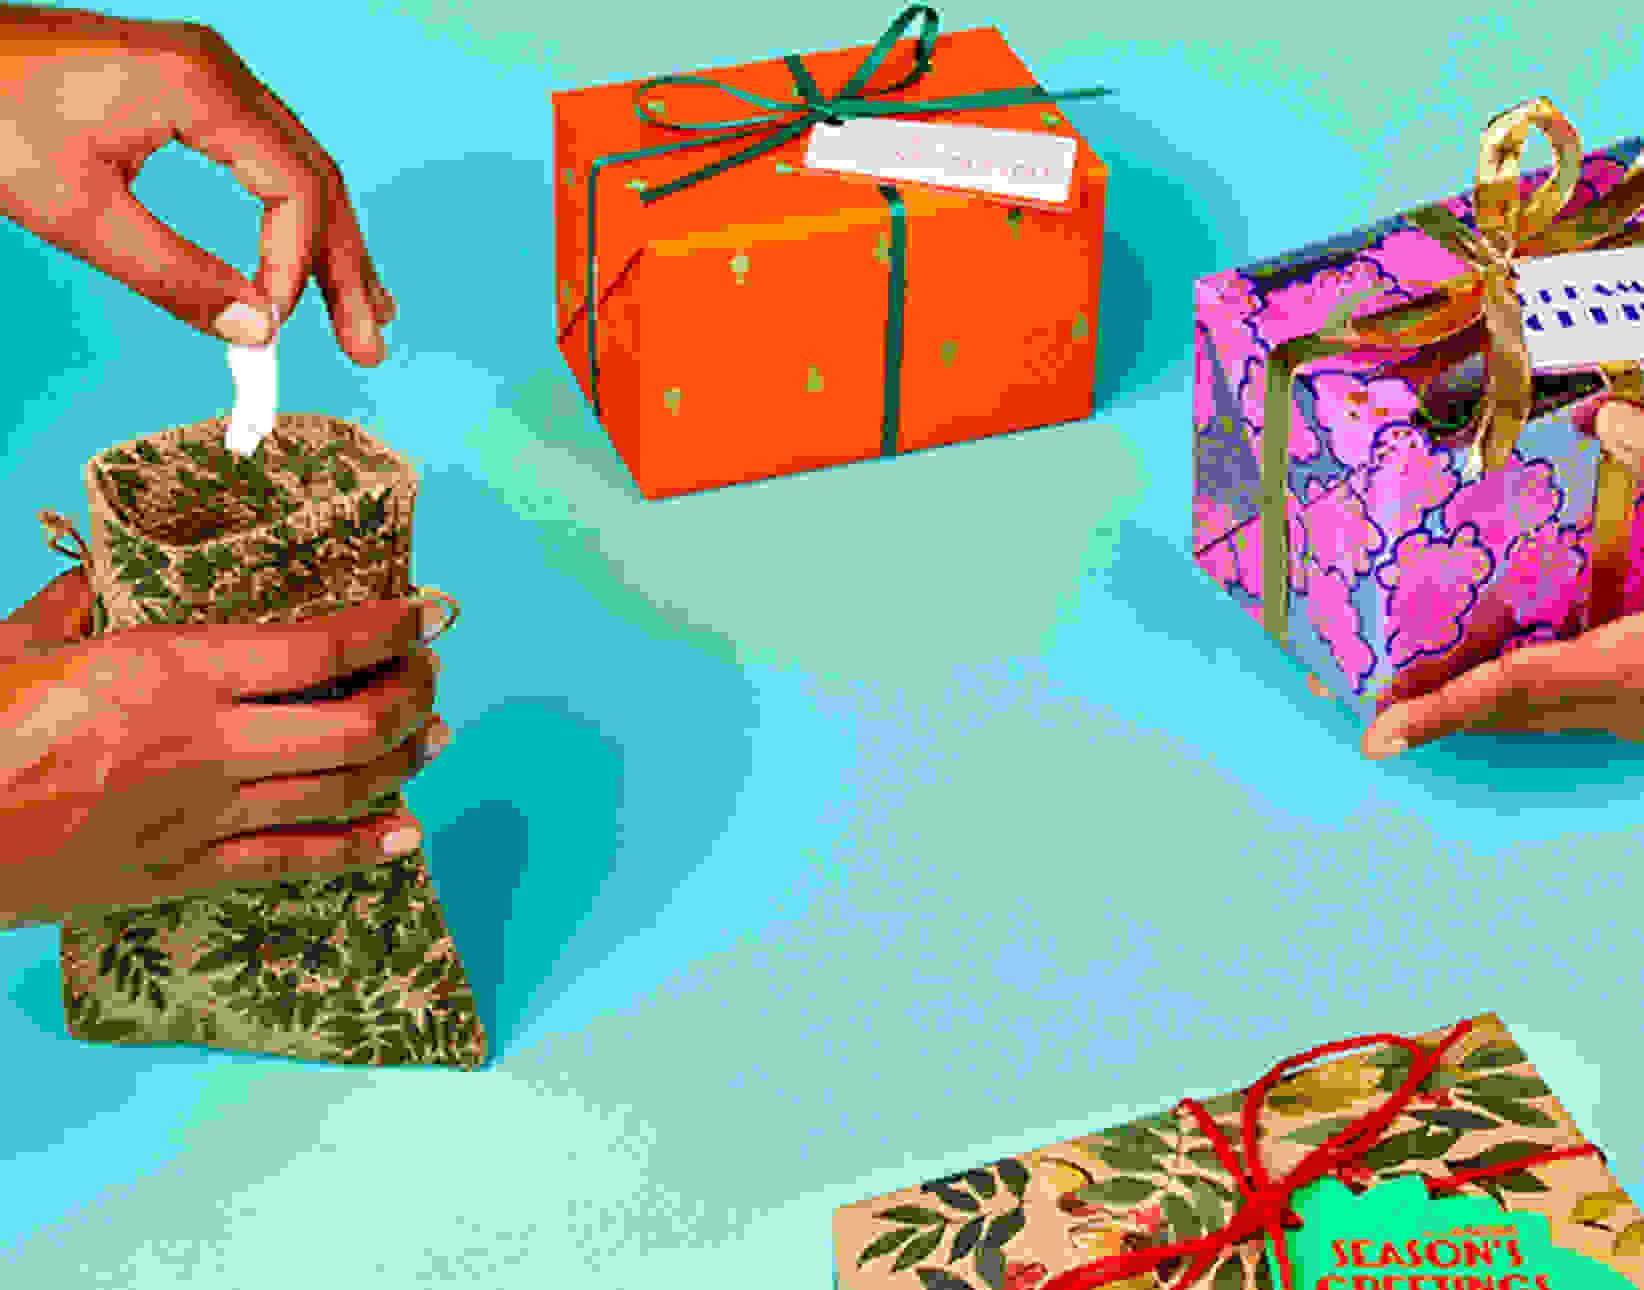 Image card - Un échange de cadeaux réussi